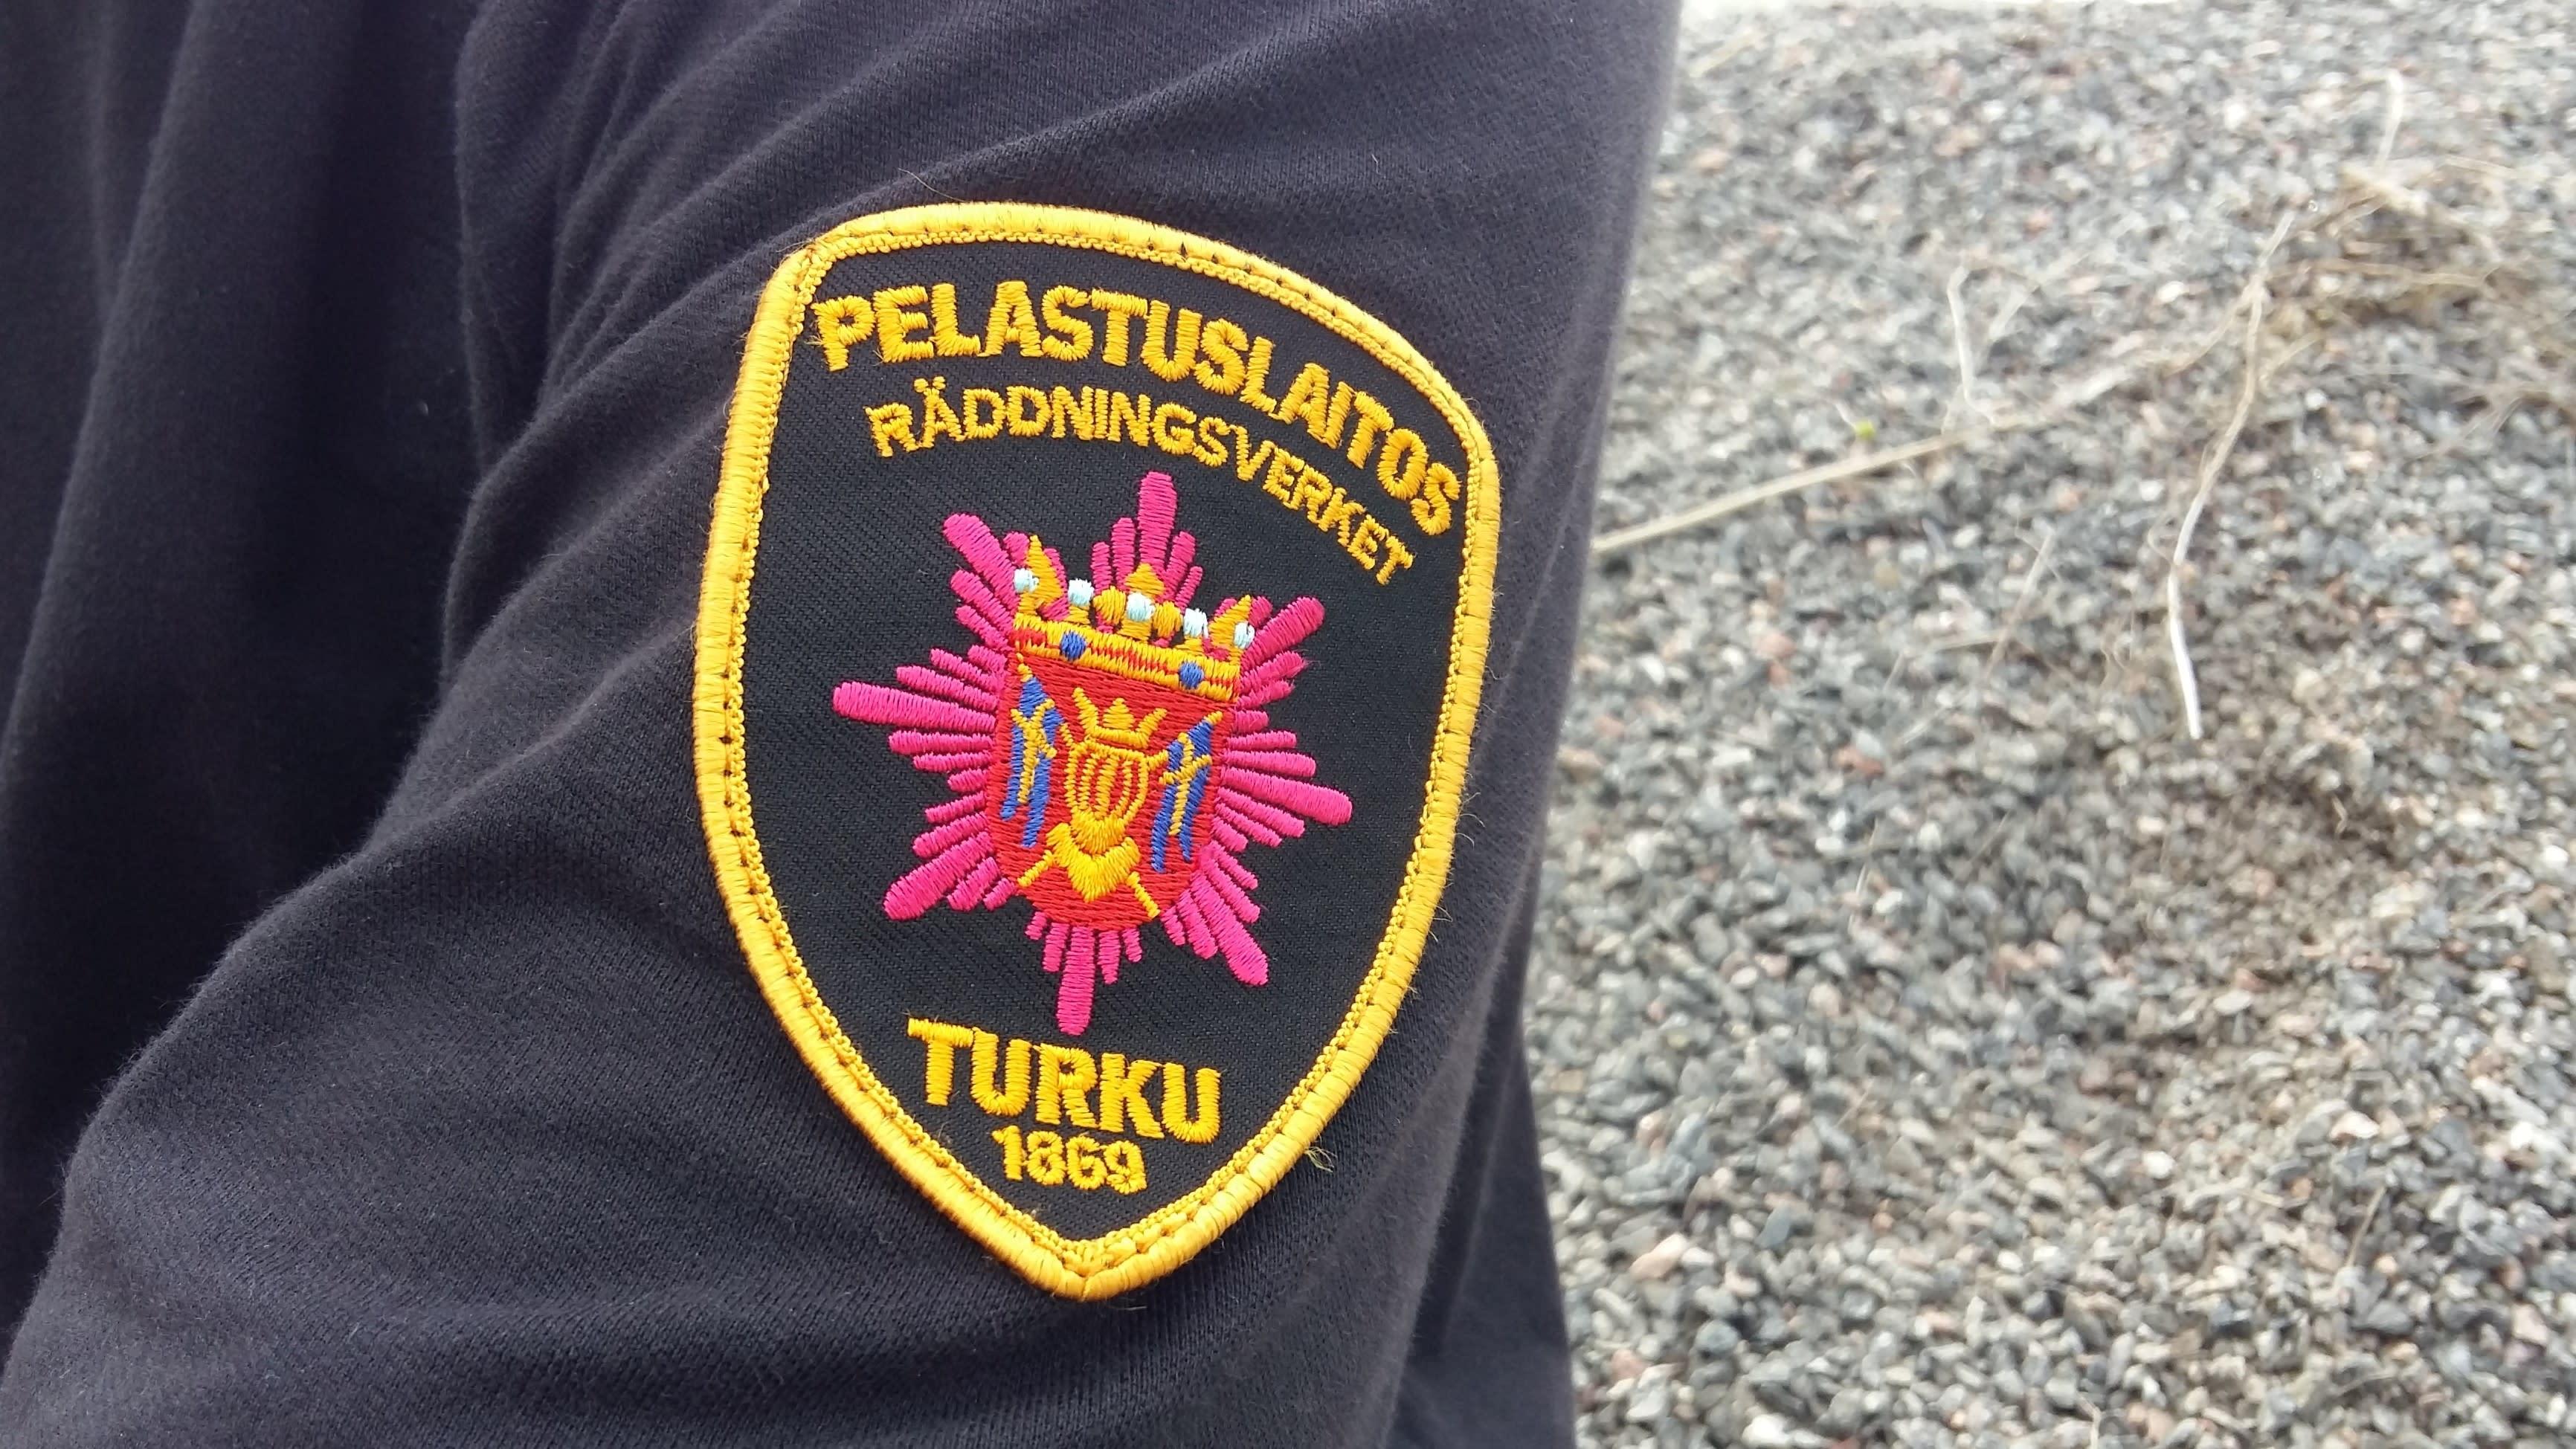 Pelastajan paidan hiha, jossa Varsinais-Suomen pelastuslaitoksen merkki.